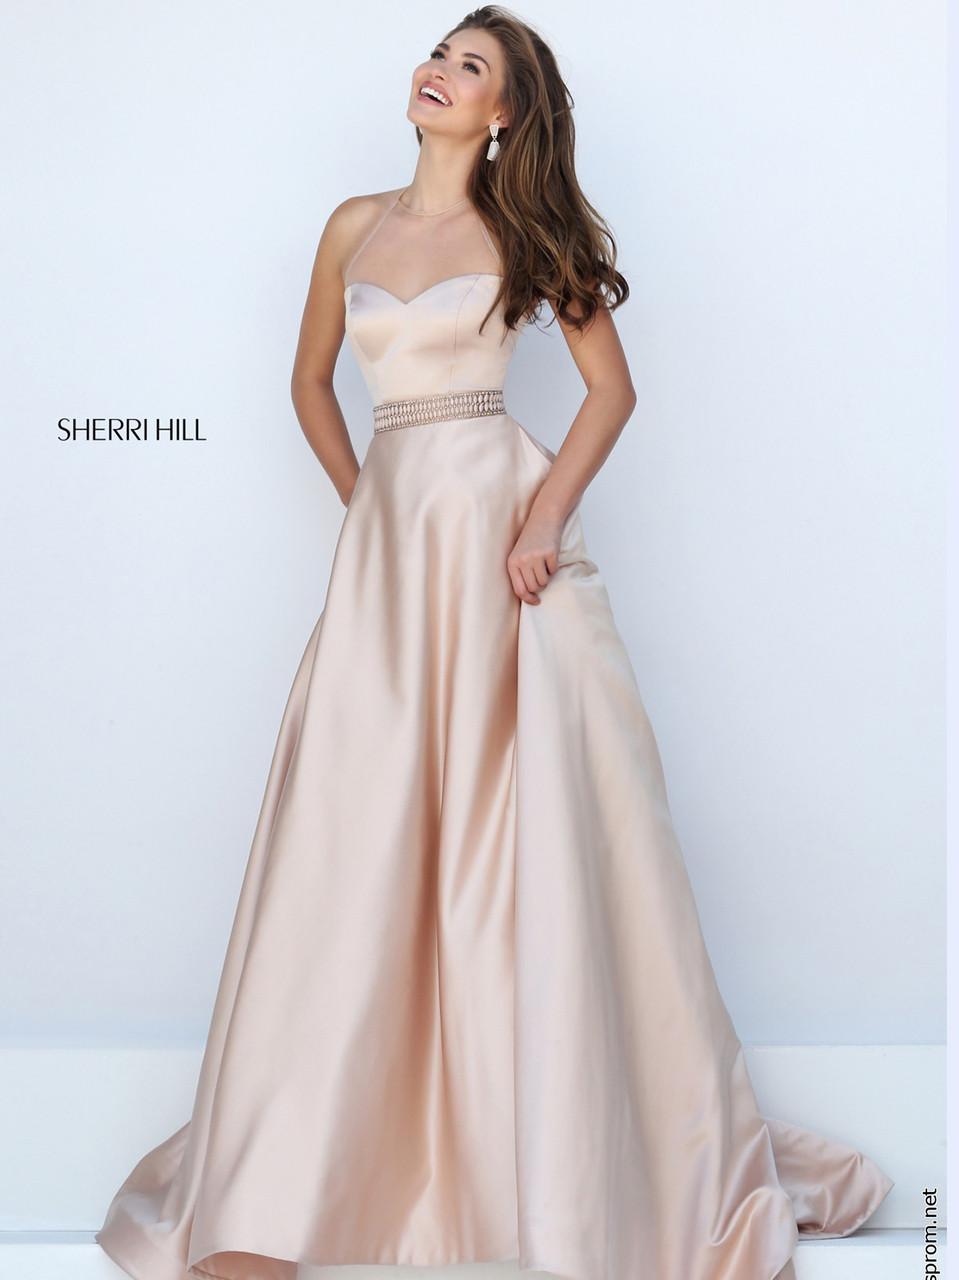 e43c1e19446 Sherri Hill 50222 Halter Neckline Prom Ball Gown